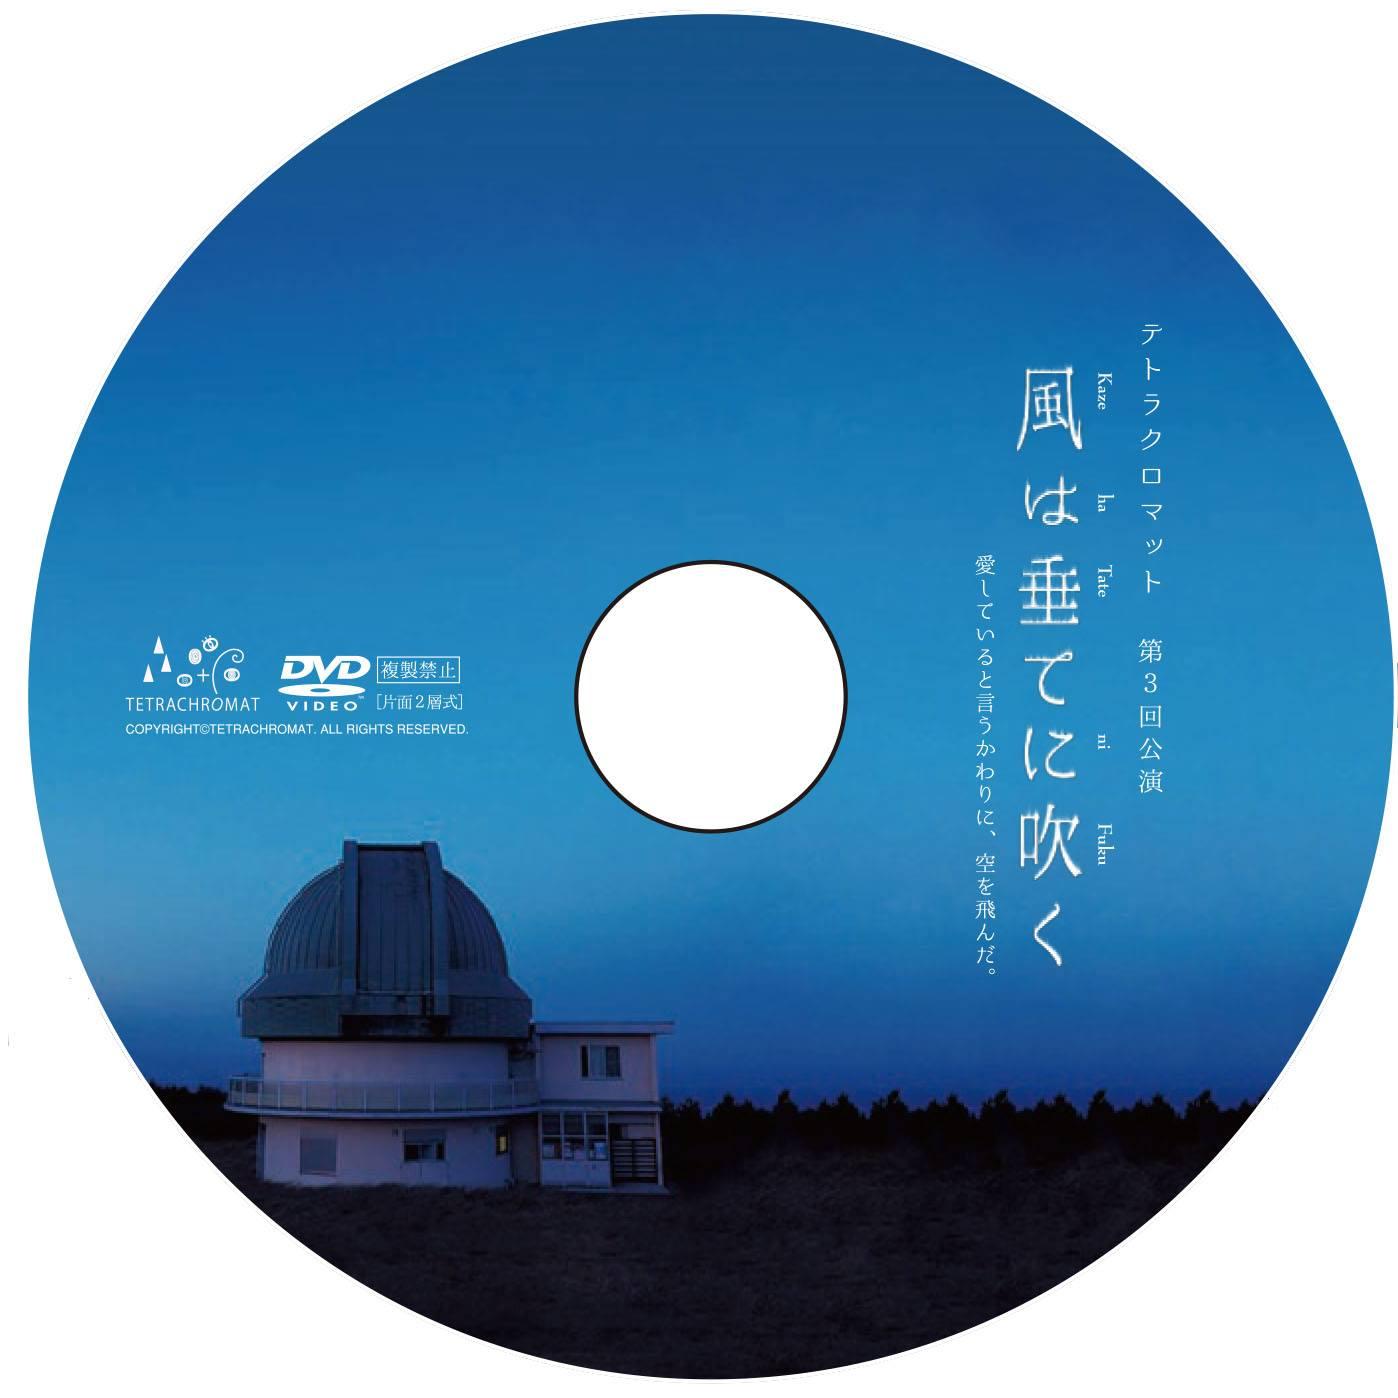 かぜ・DVD盤面